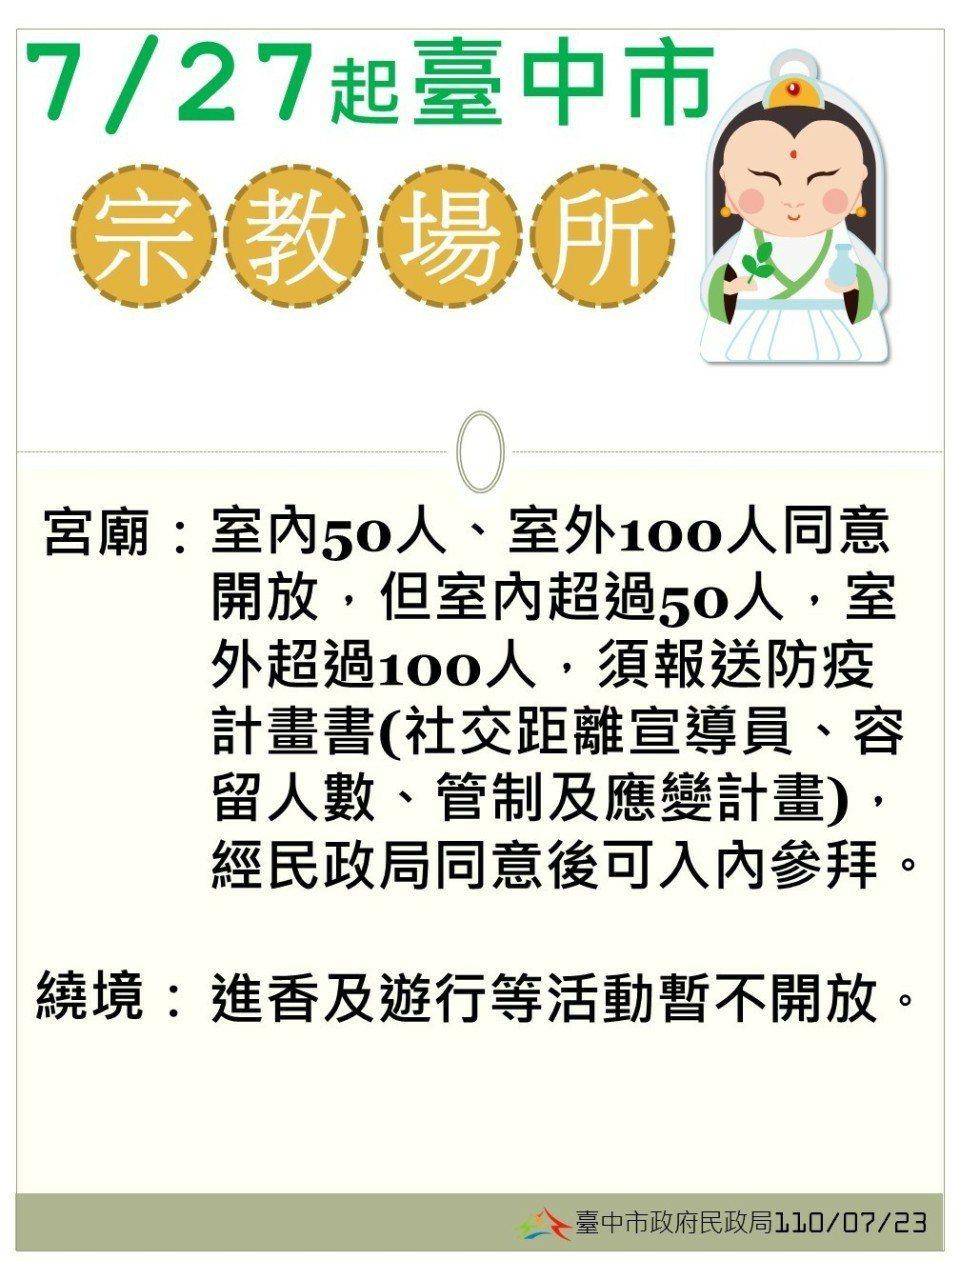 台中市府民政局公告明天宗教場所開放規定。圖/台中市府提供